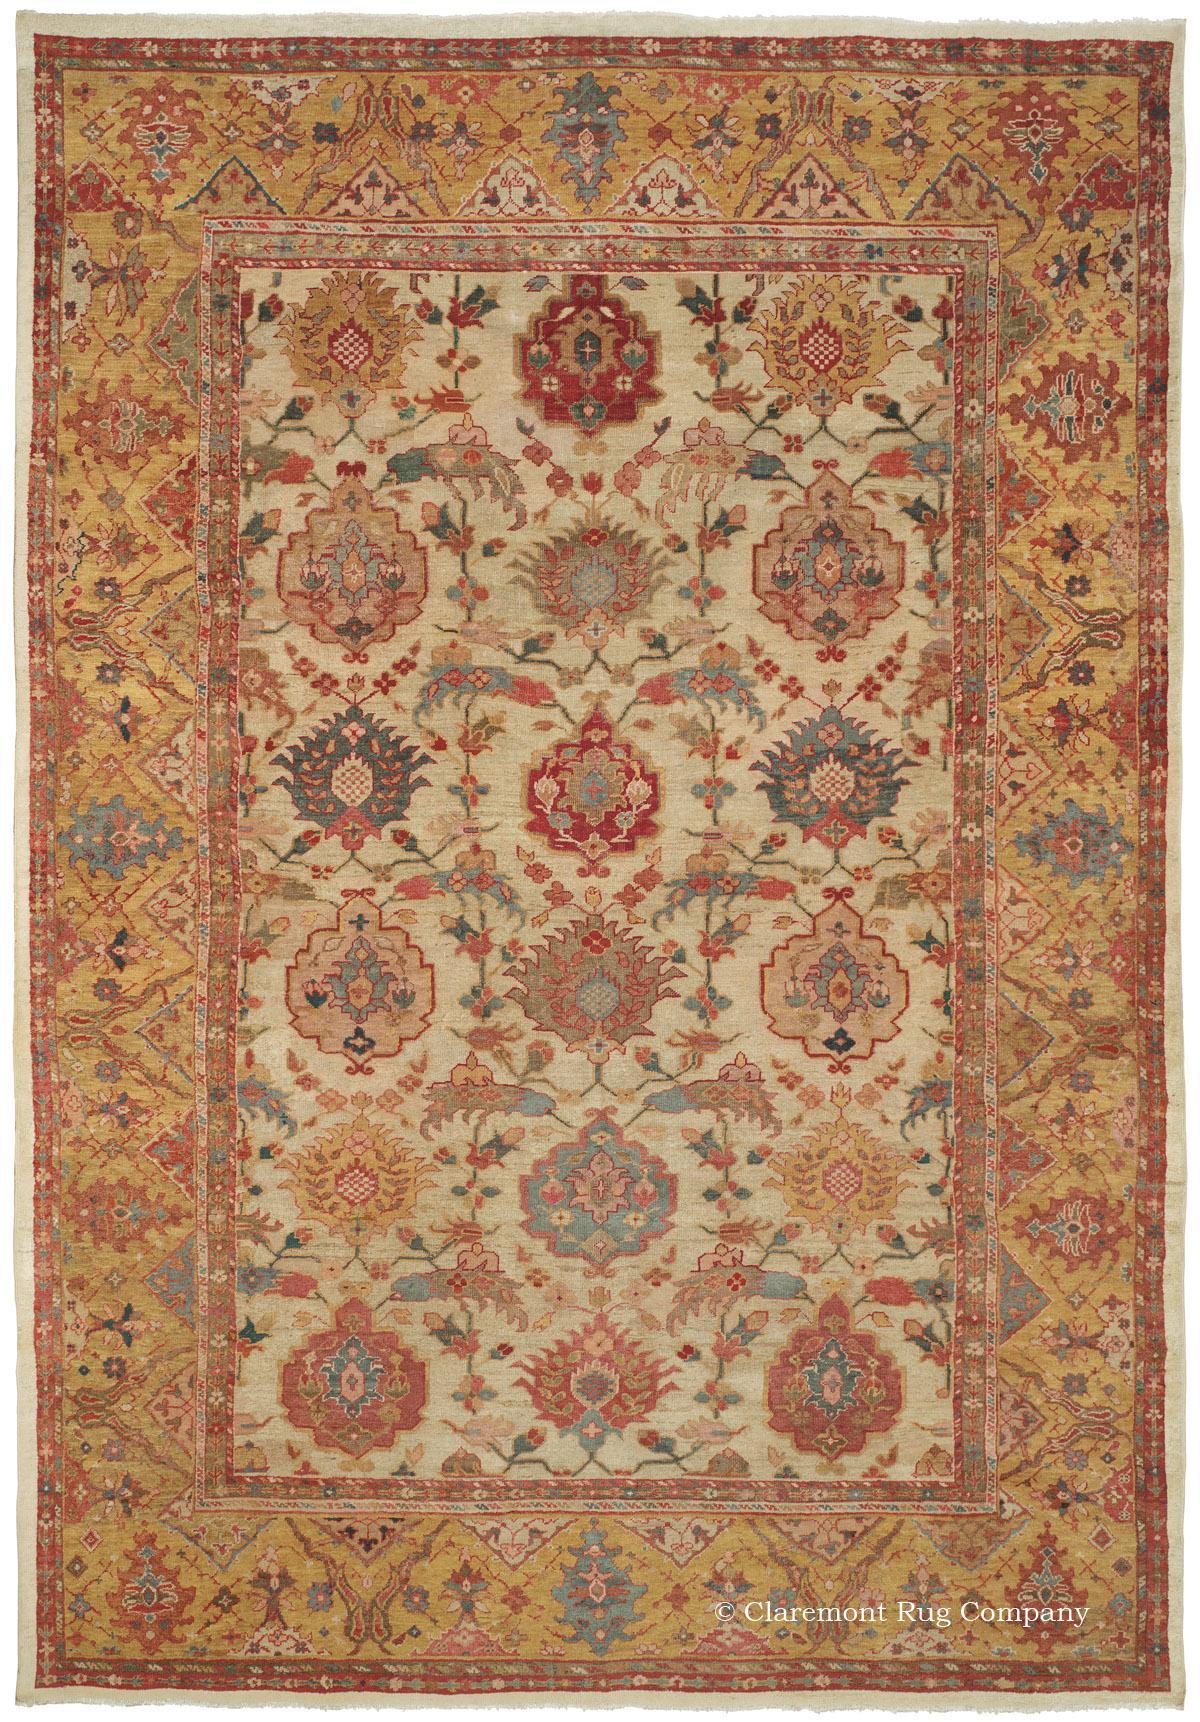 Antique Oriental Carpets Carpet Vidalondon